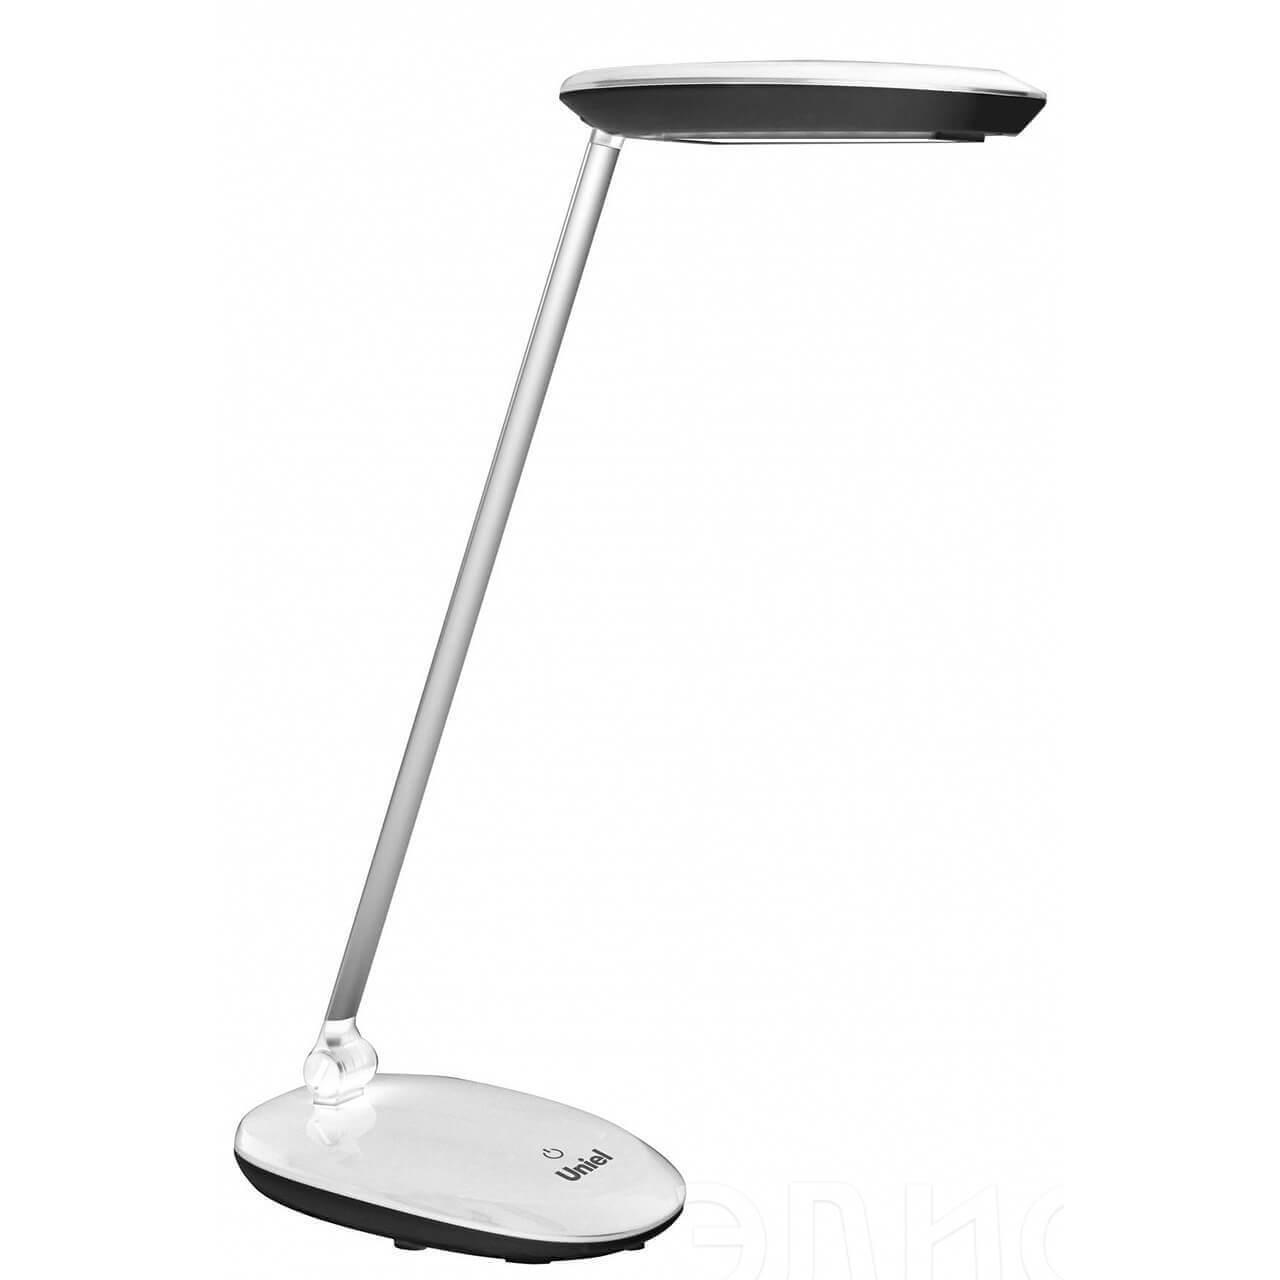 Настольная лампа Uniel TLD-531 Black-White/LED/400Lm/4500K/Dimmer TLD-531 (Сенсорное управление) настольная лампа uniel tld 524 black led 500lm 4500k dimmer tld 524 сенсорное управление